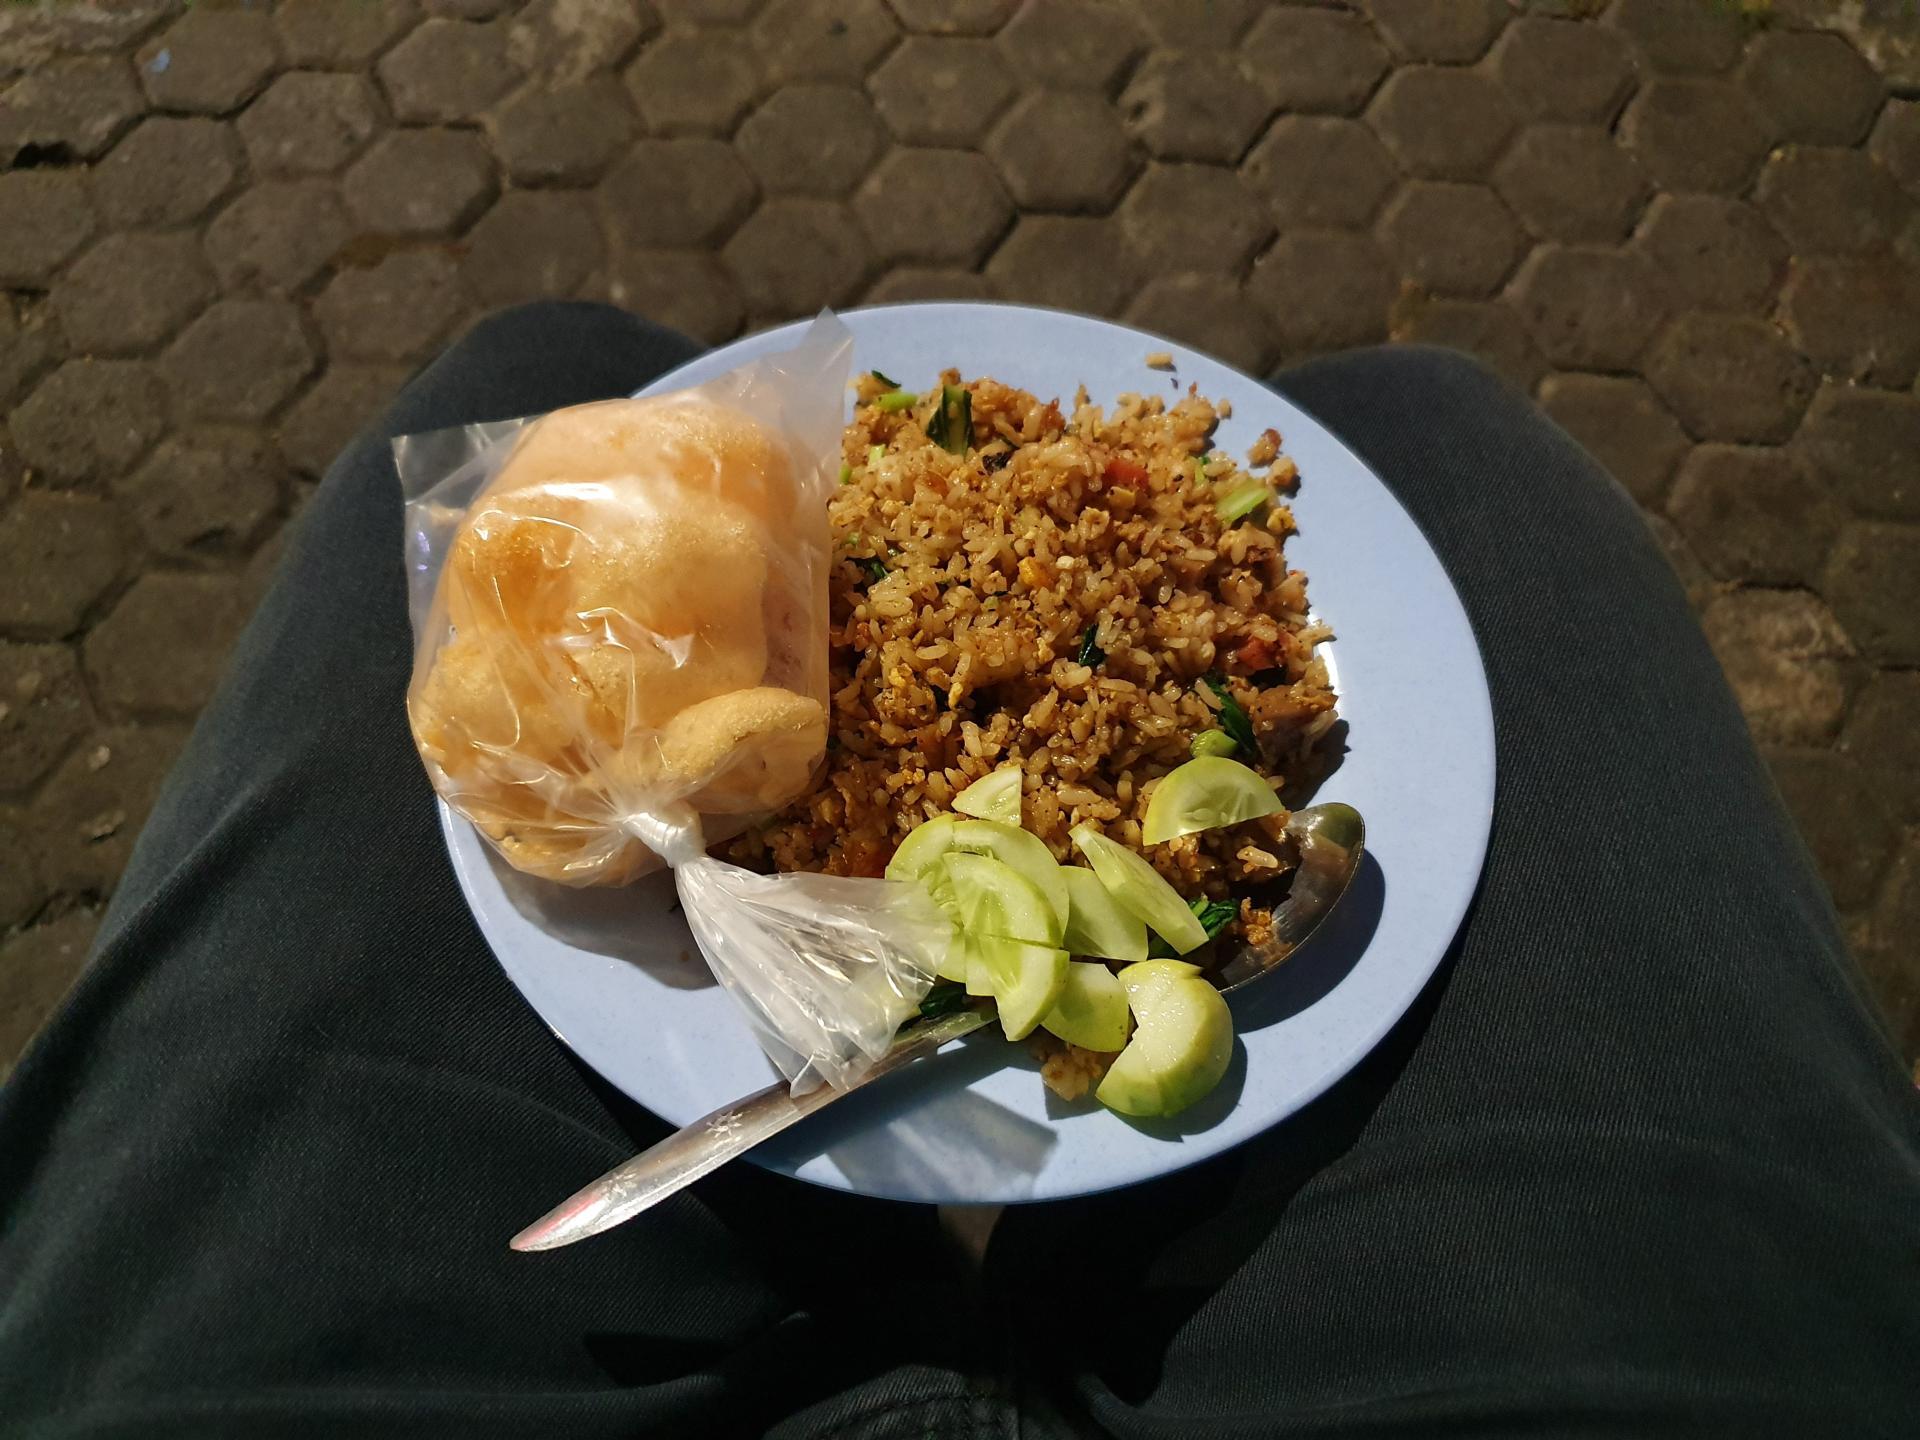 ем рис с коленок в Джакарте